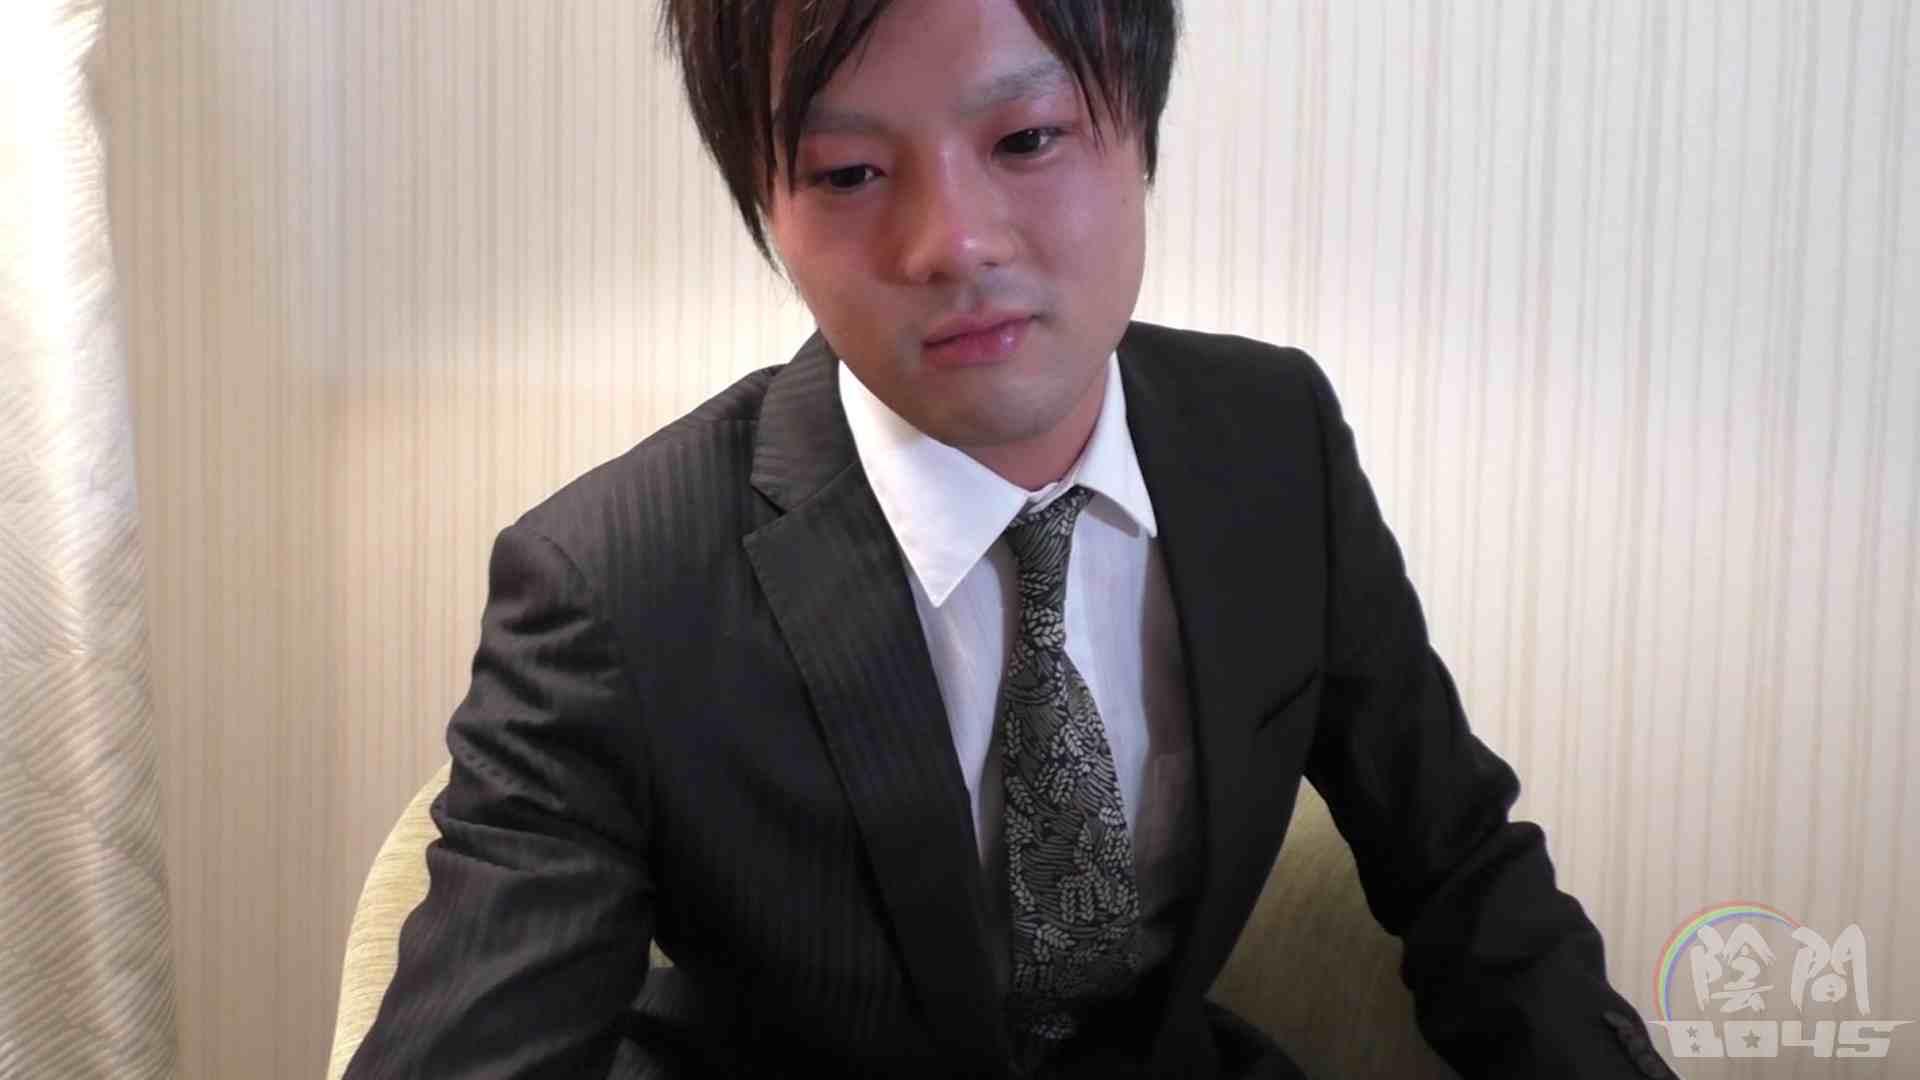 """キャバクラの仕事は""""アナル""""から1 Vol.03 ハイビジョン動画 ゲイエロ動画 104枚 71"""